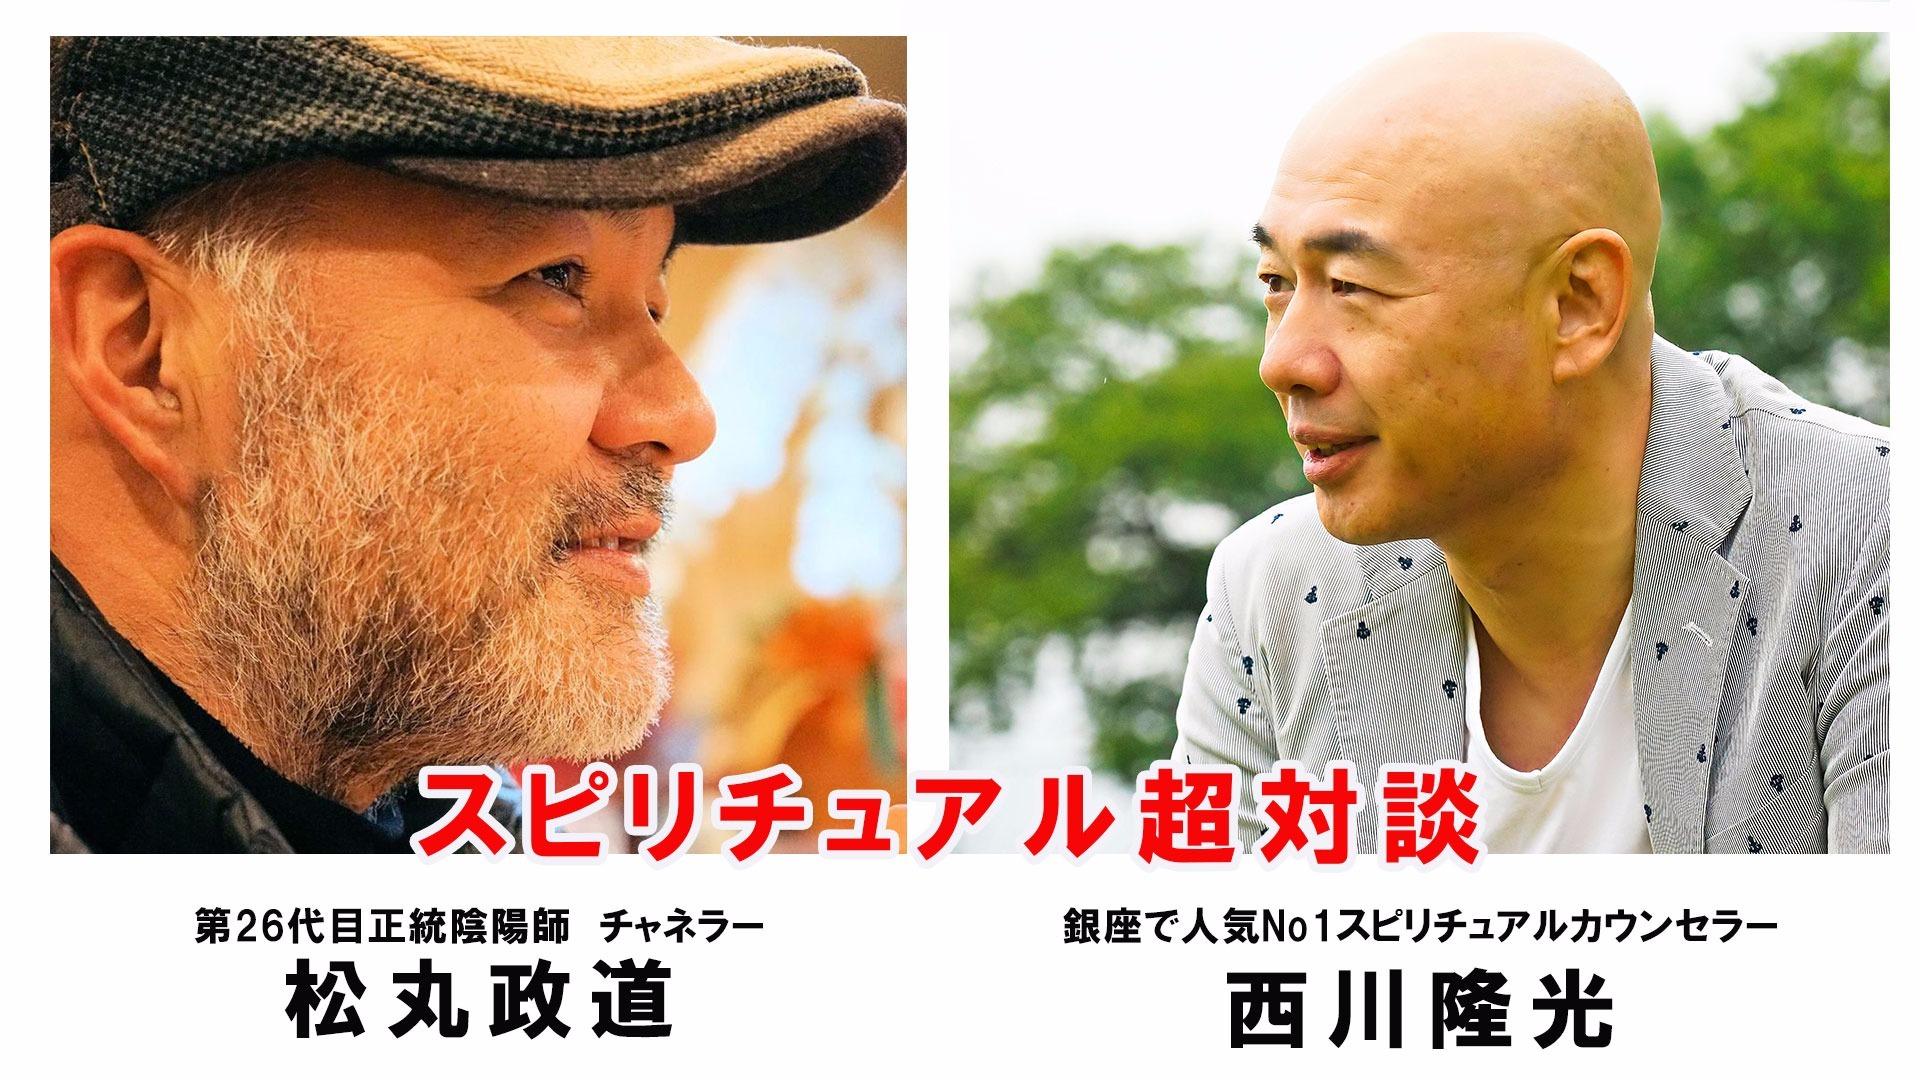 スピリチュアル超対談トークライブ【隆光&マサミチ】第1回目